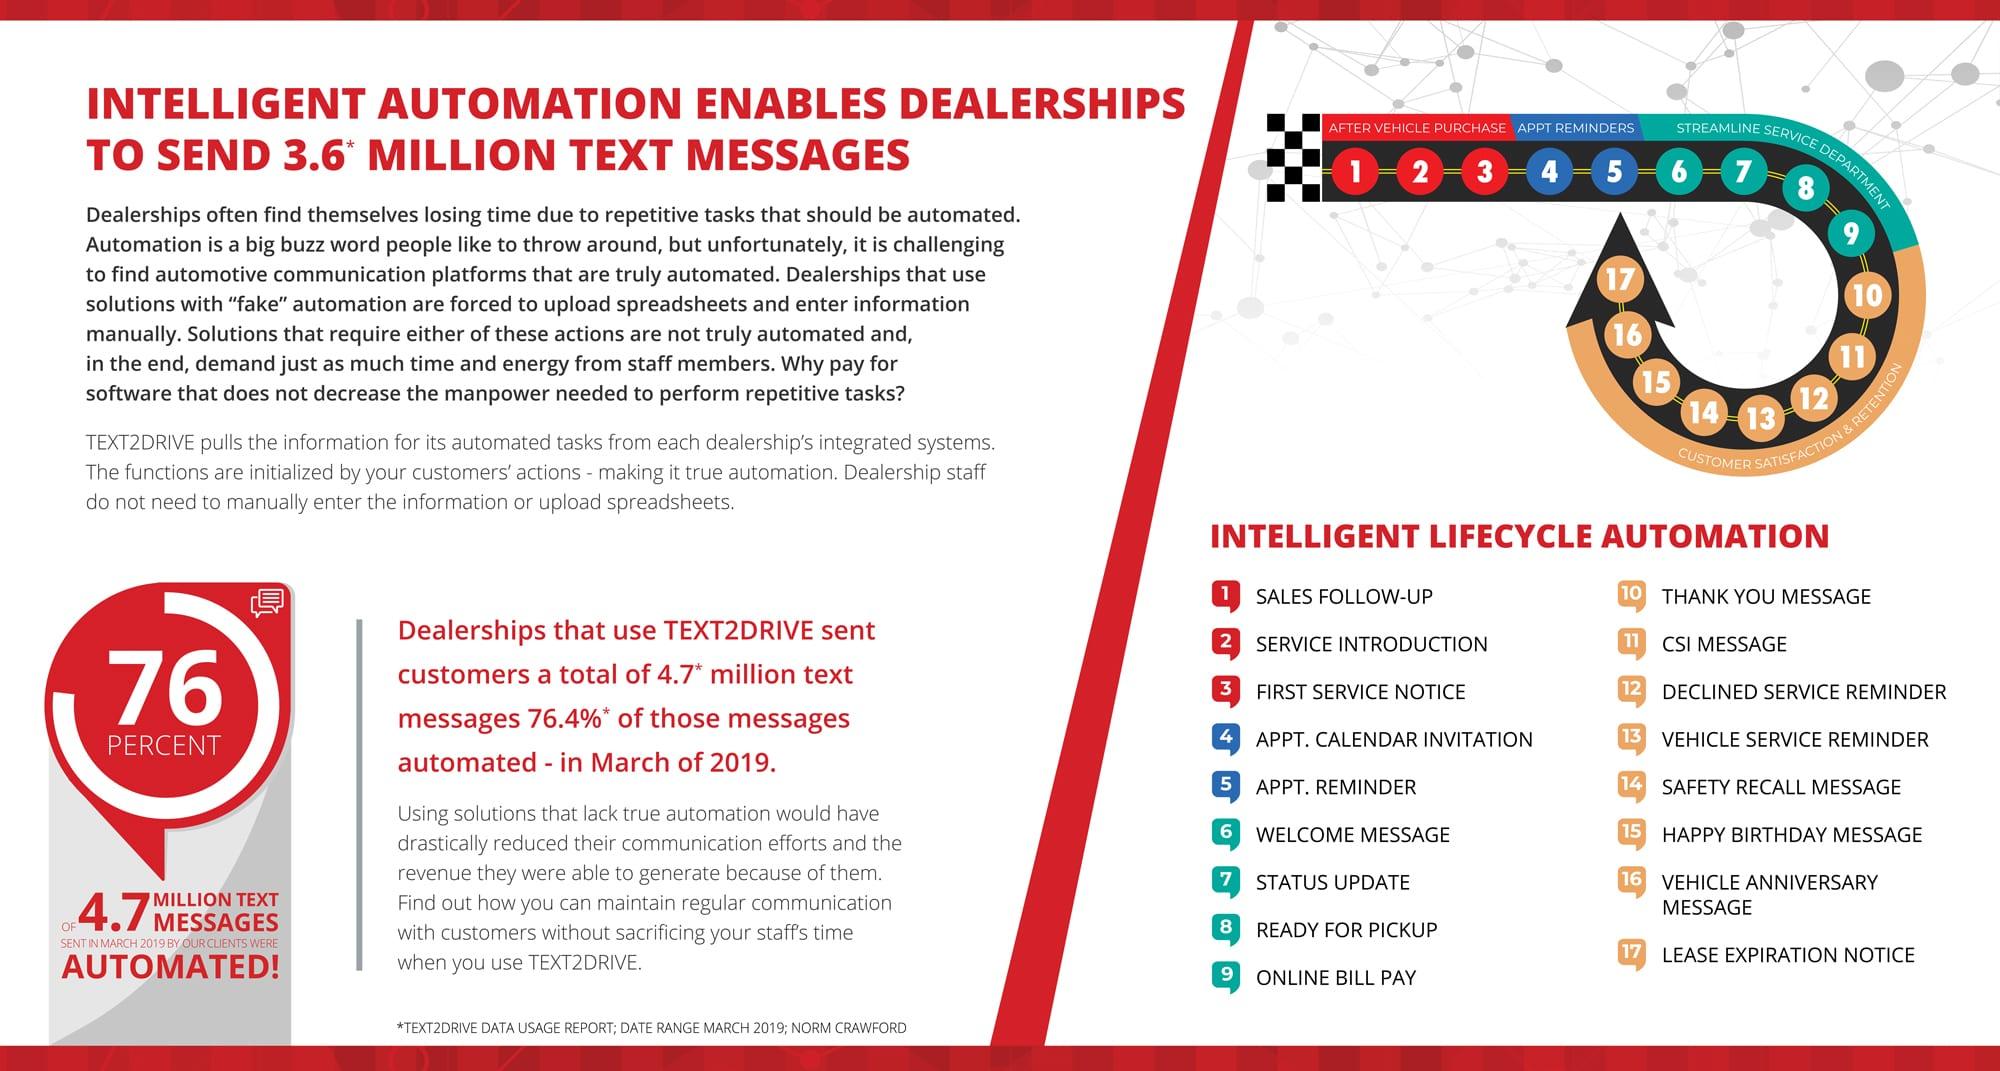 La automatización TEXT2DRIVE supera a la competencia